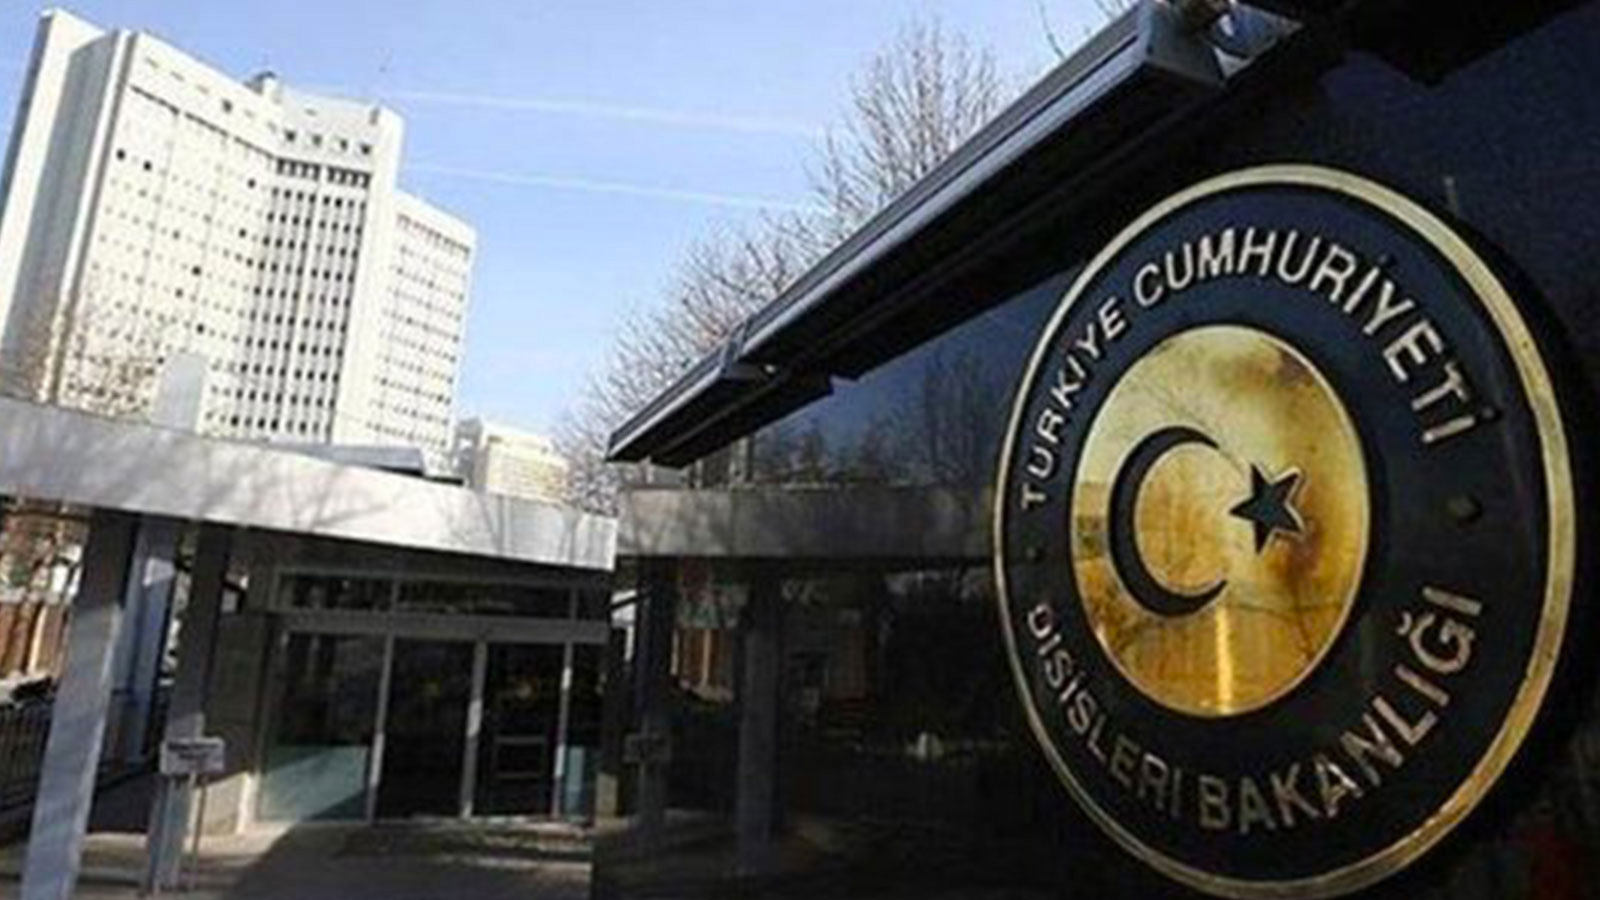 Dışişleri Bakanlığı'ndan AB'ye: Türkiye'ye çağrı yapmak yerine önce verdiğiniz sözleri tutun